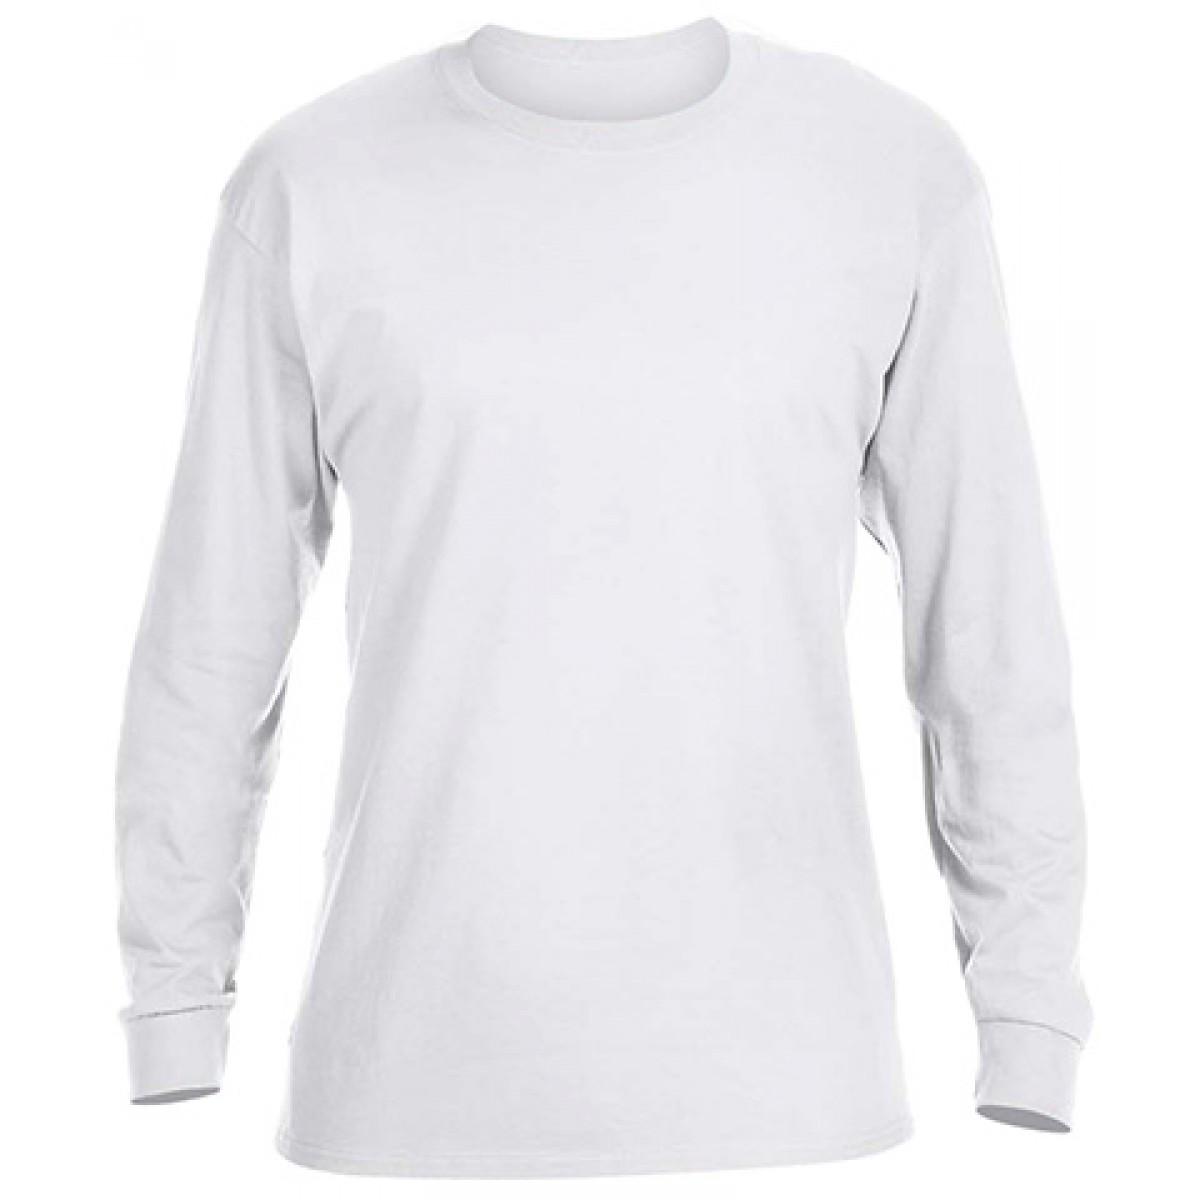 Basic Long Sleeve Crew Neck -White-YS